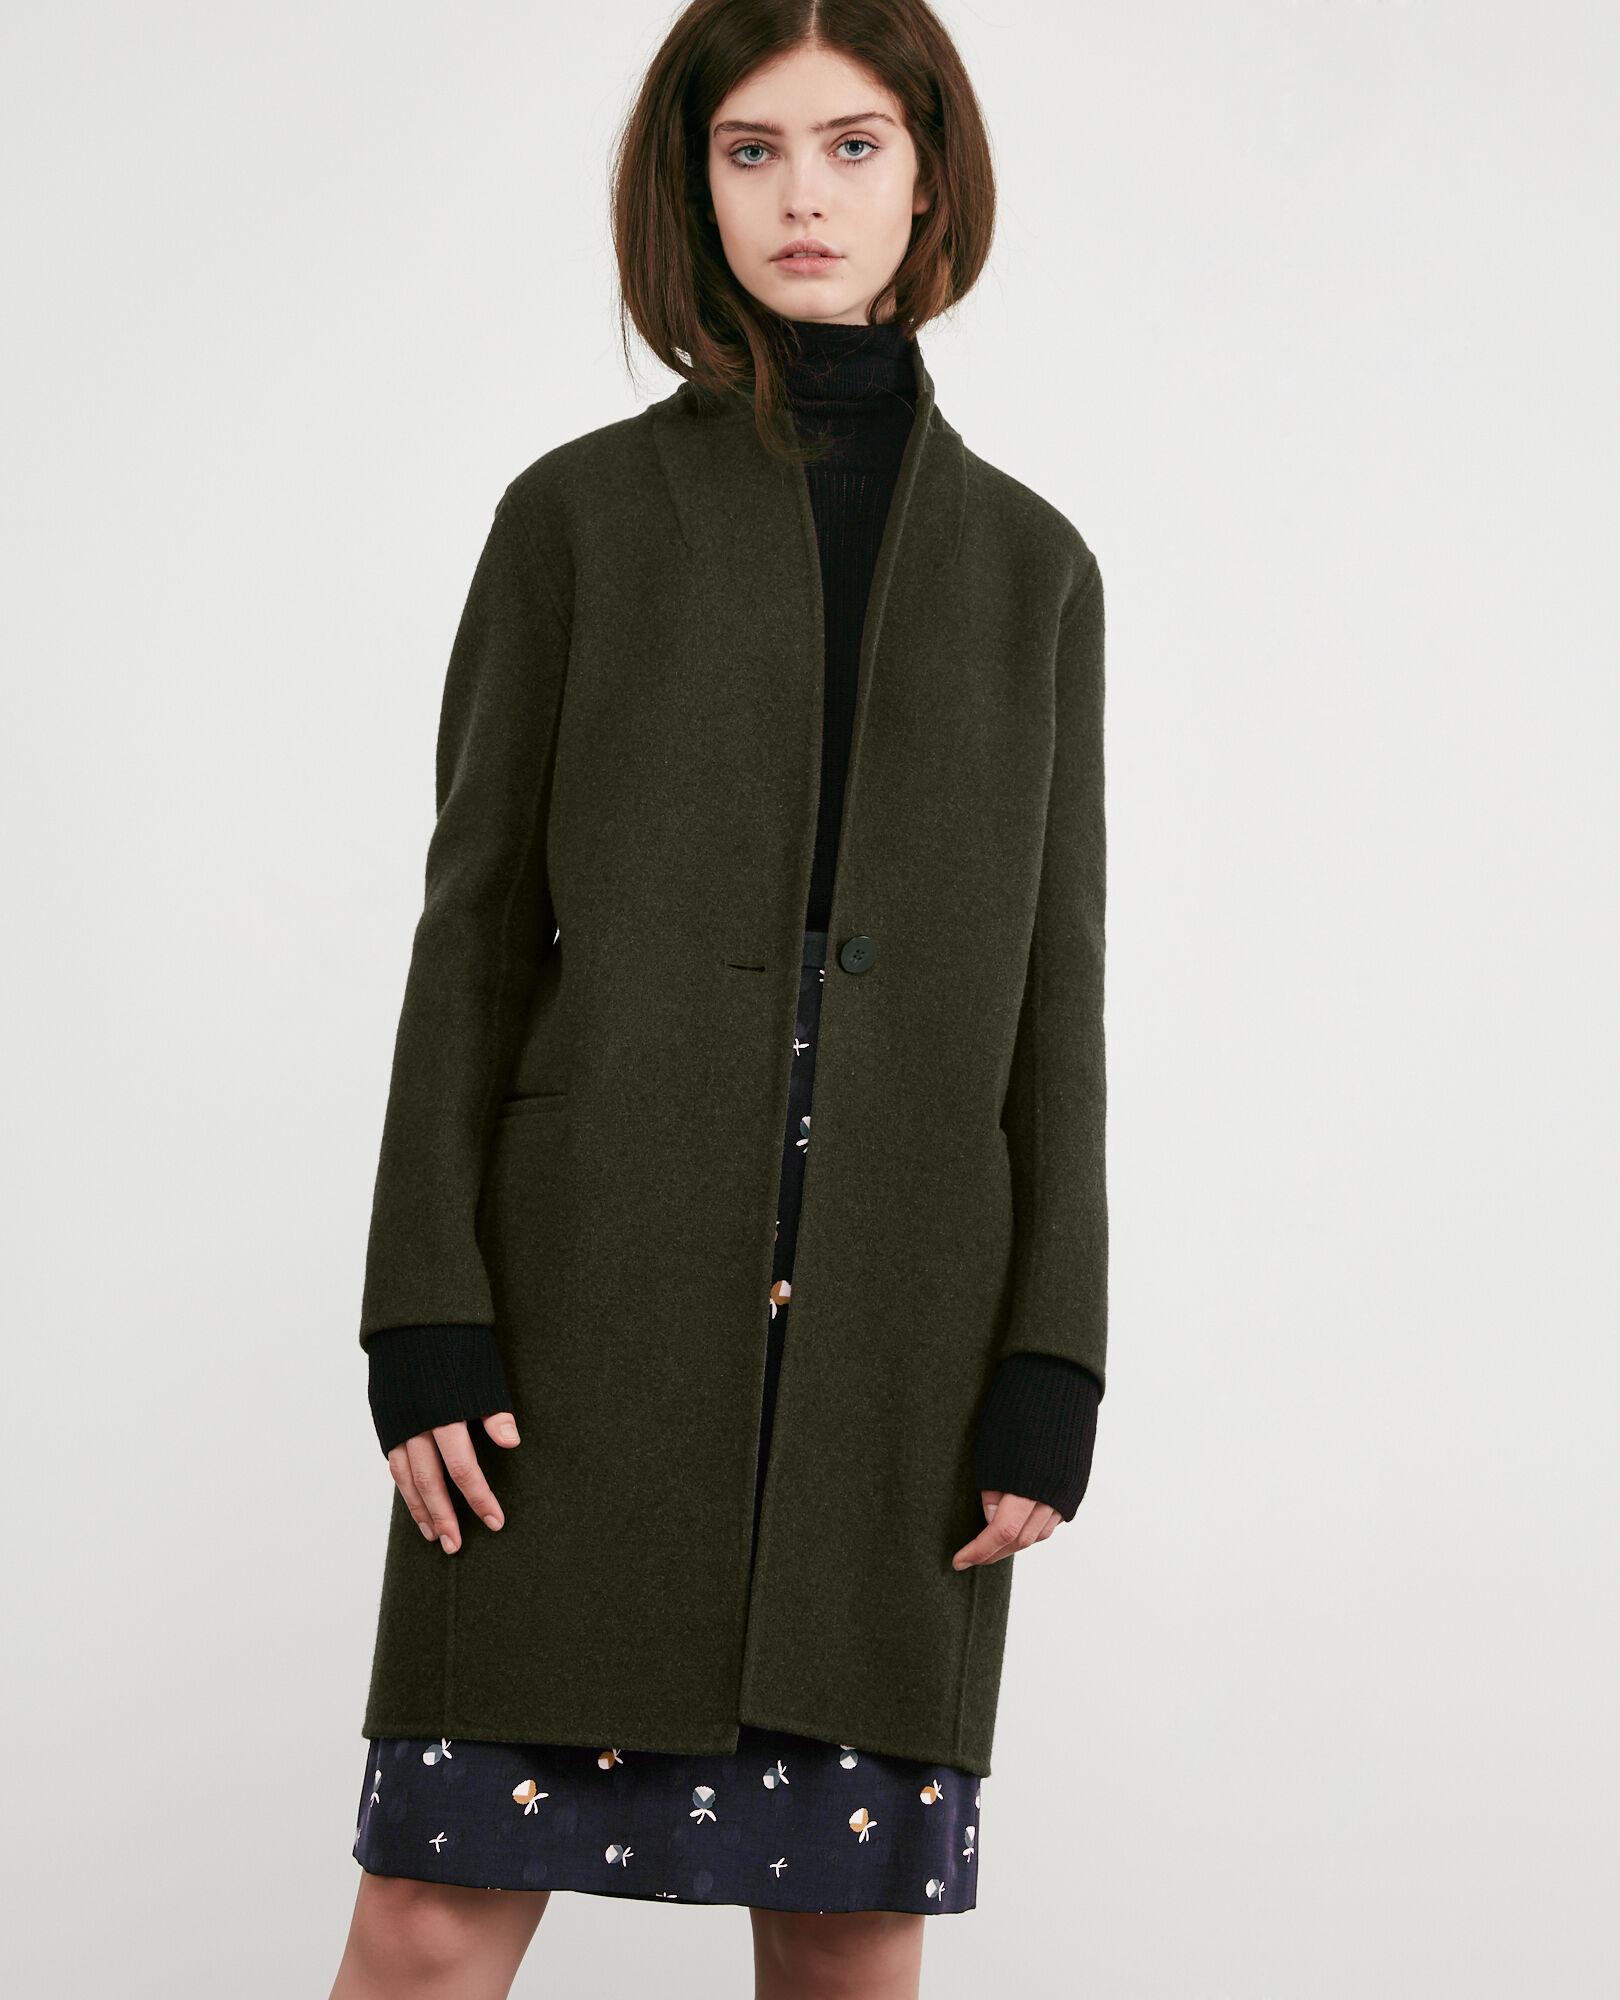 Que significa abrigo doble faz